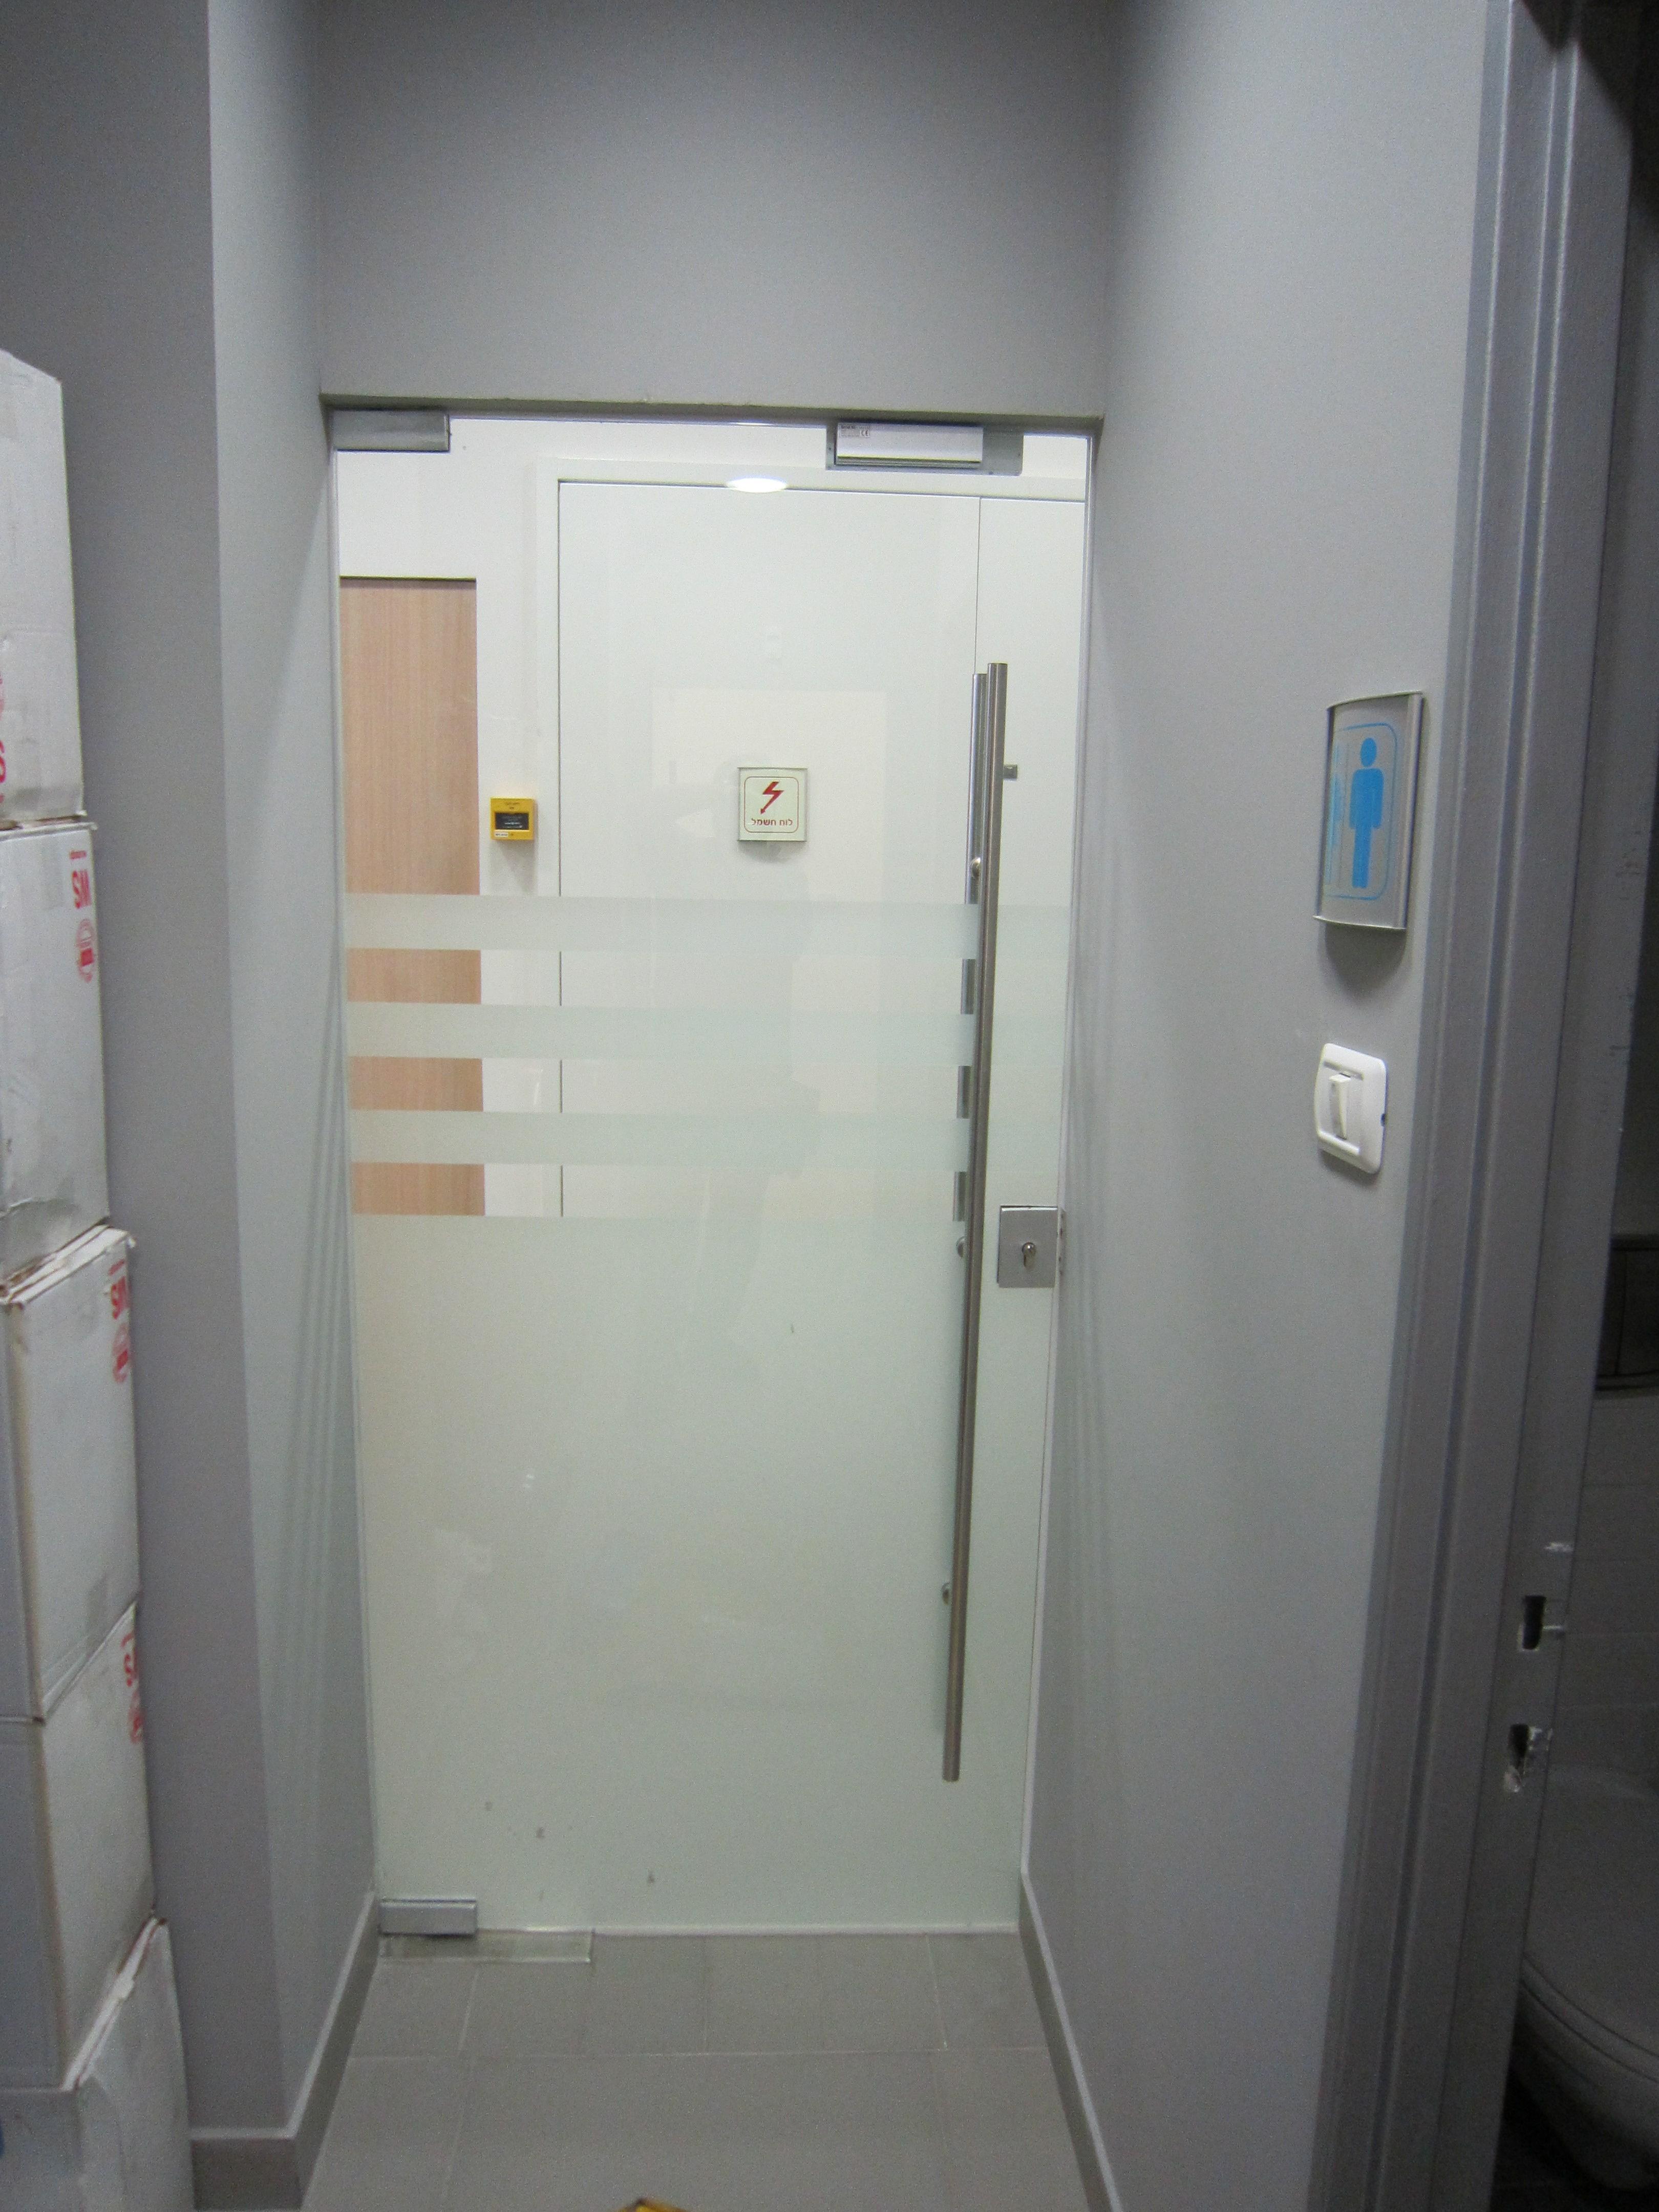 דלת עם נעילת אלקטרומגנט.JPG